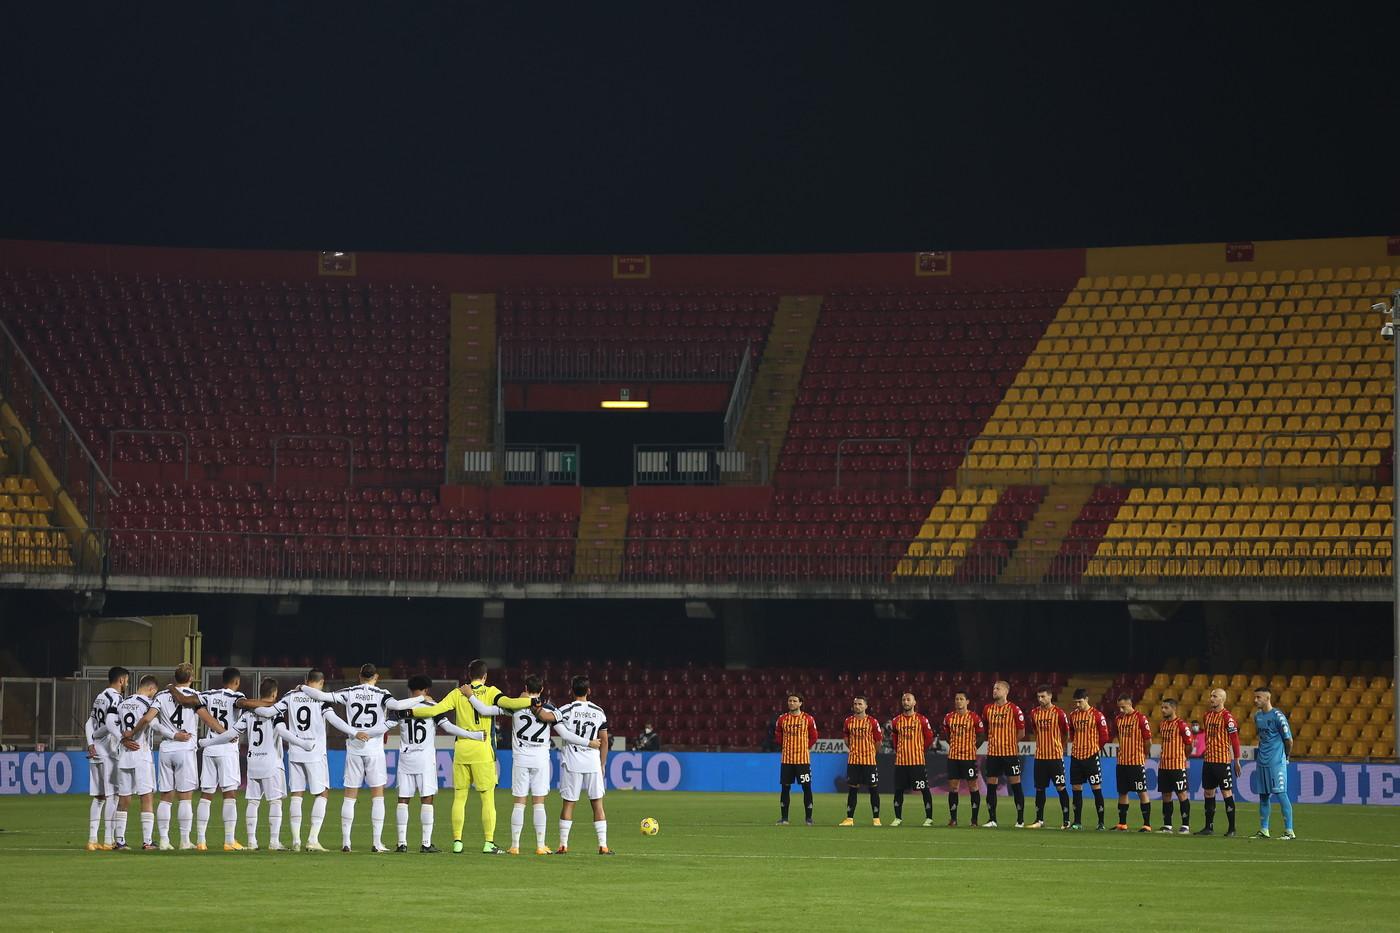 Benevento-Juventus 1-1, le migliori foto del match.<br /><br />